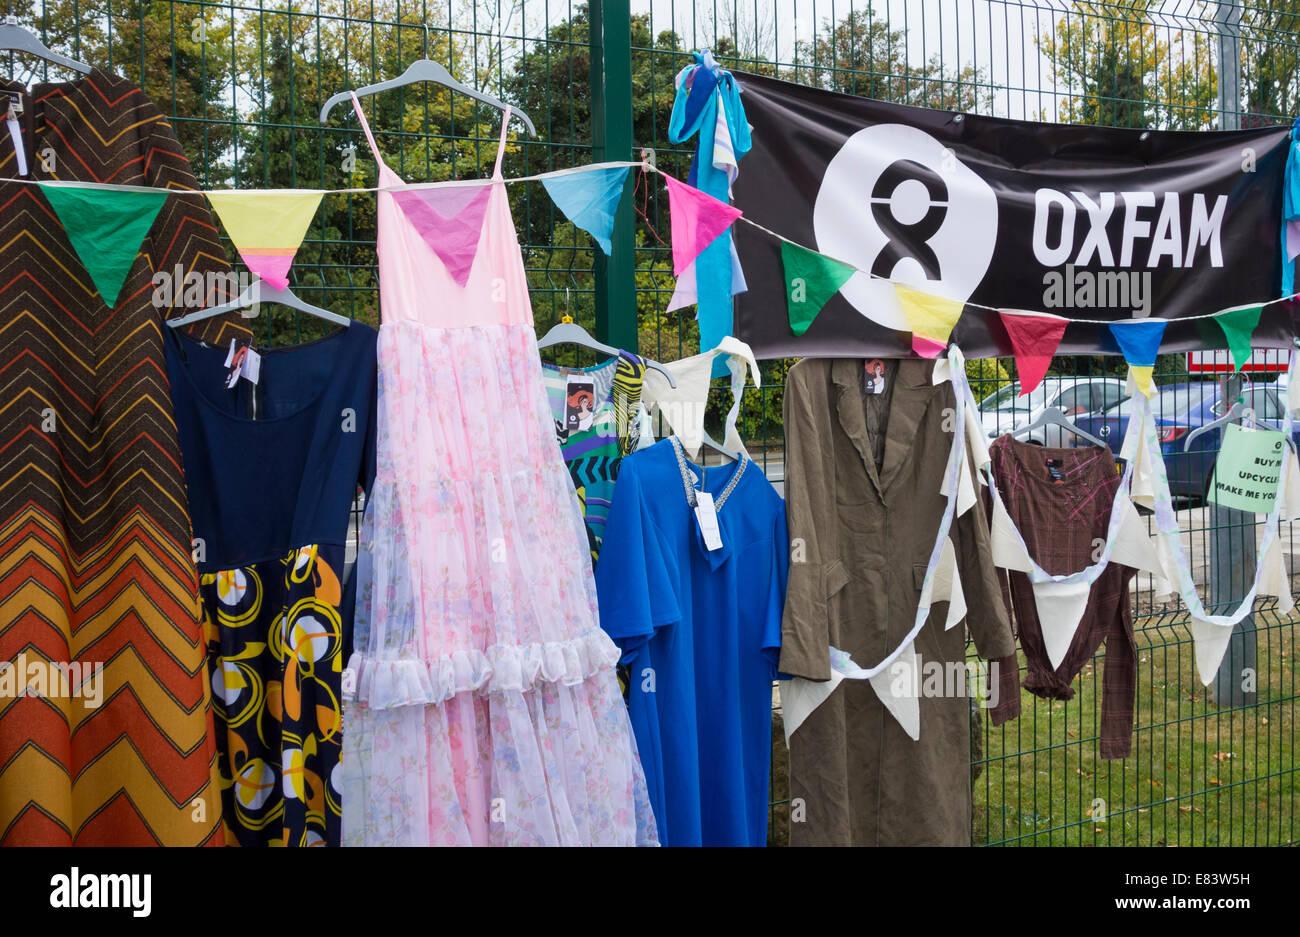 Oxfam ropa calada en el Festival del ahorro, Lingfield Punto, Darlington, Inglaterra, Reino Unido. Imagen De Stock